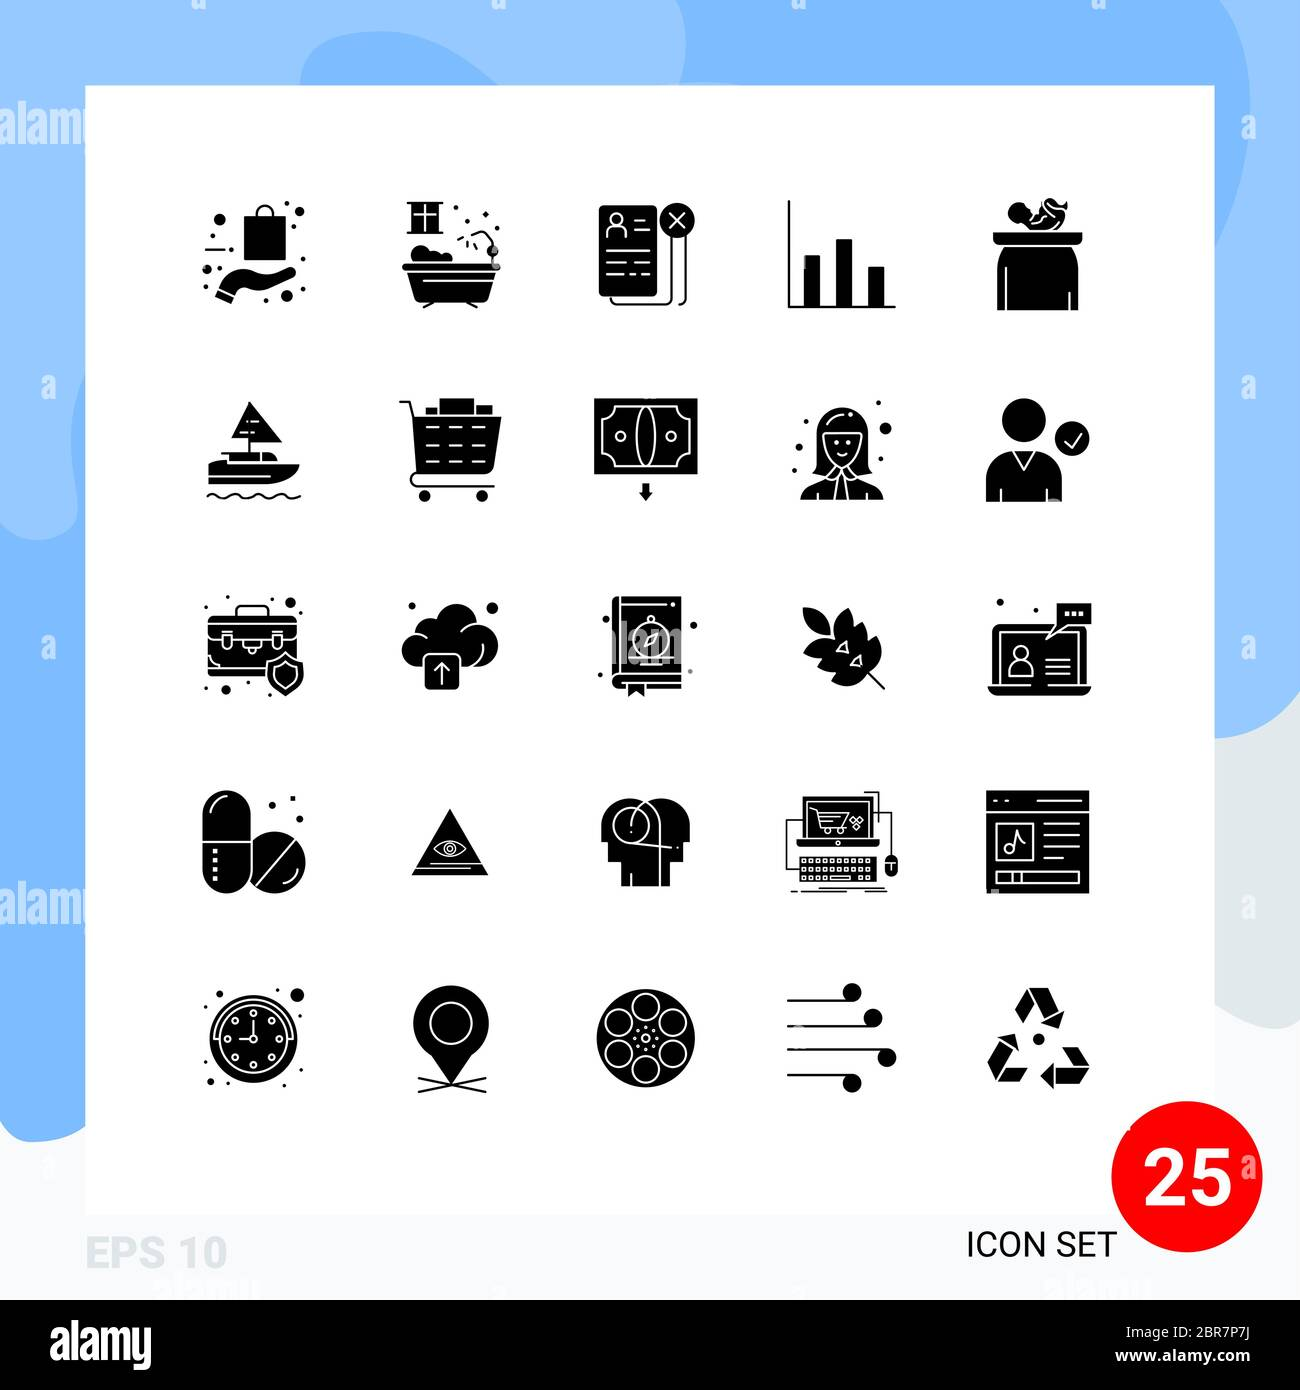 Pacchetto icone vettoriali di stock da 25 simboli e segni di linea per elementi di progettazione vettoriale editabili per bambini, moderati, aziendali, grafici e CV Illustrazione Vettoriale